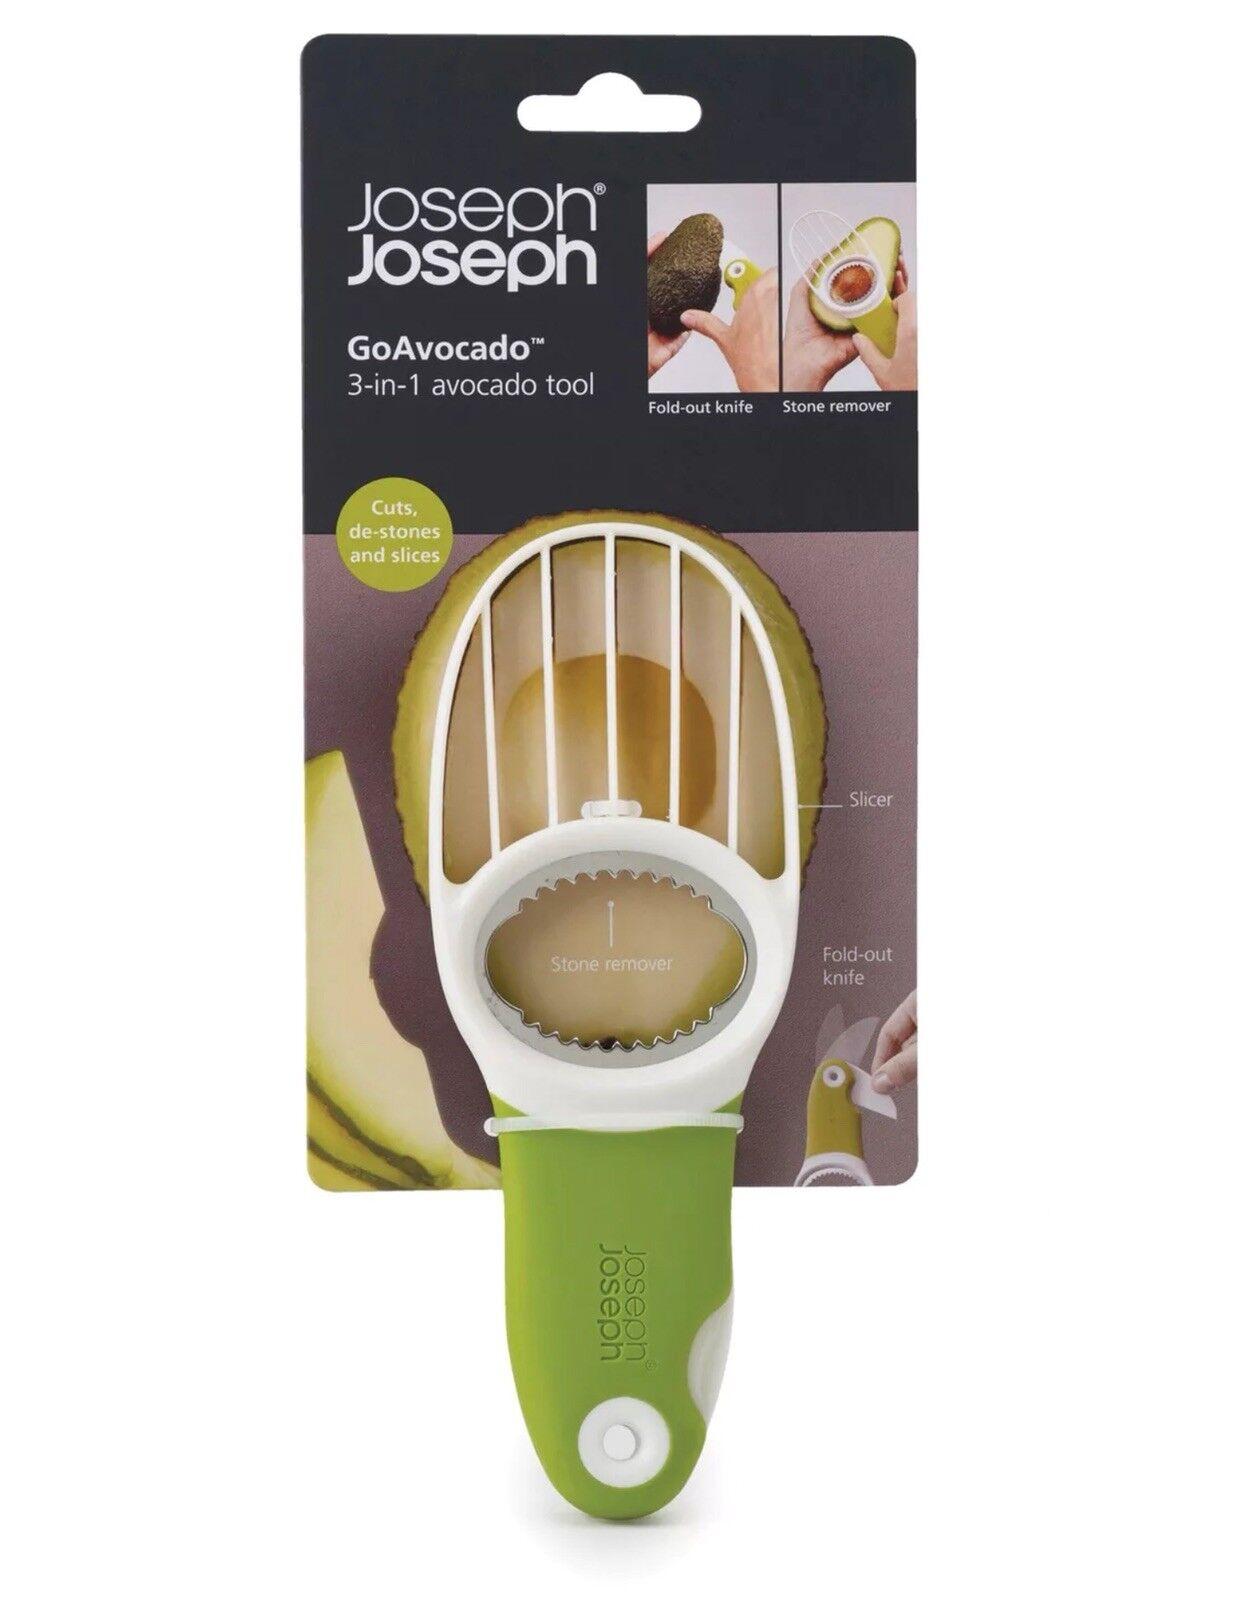 JOSEPH JOSEPH 20112 GoAvocado 3in1 Avocadomesser